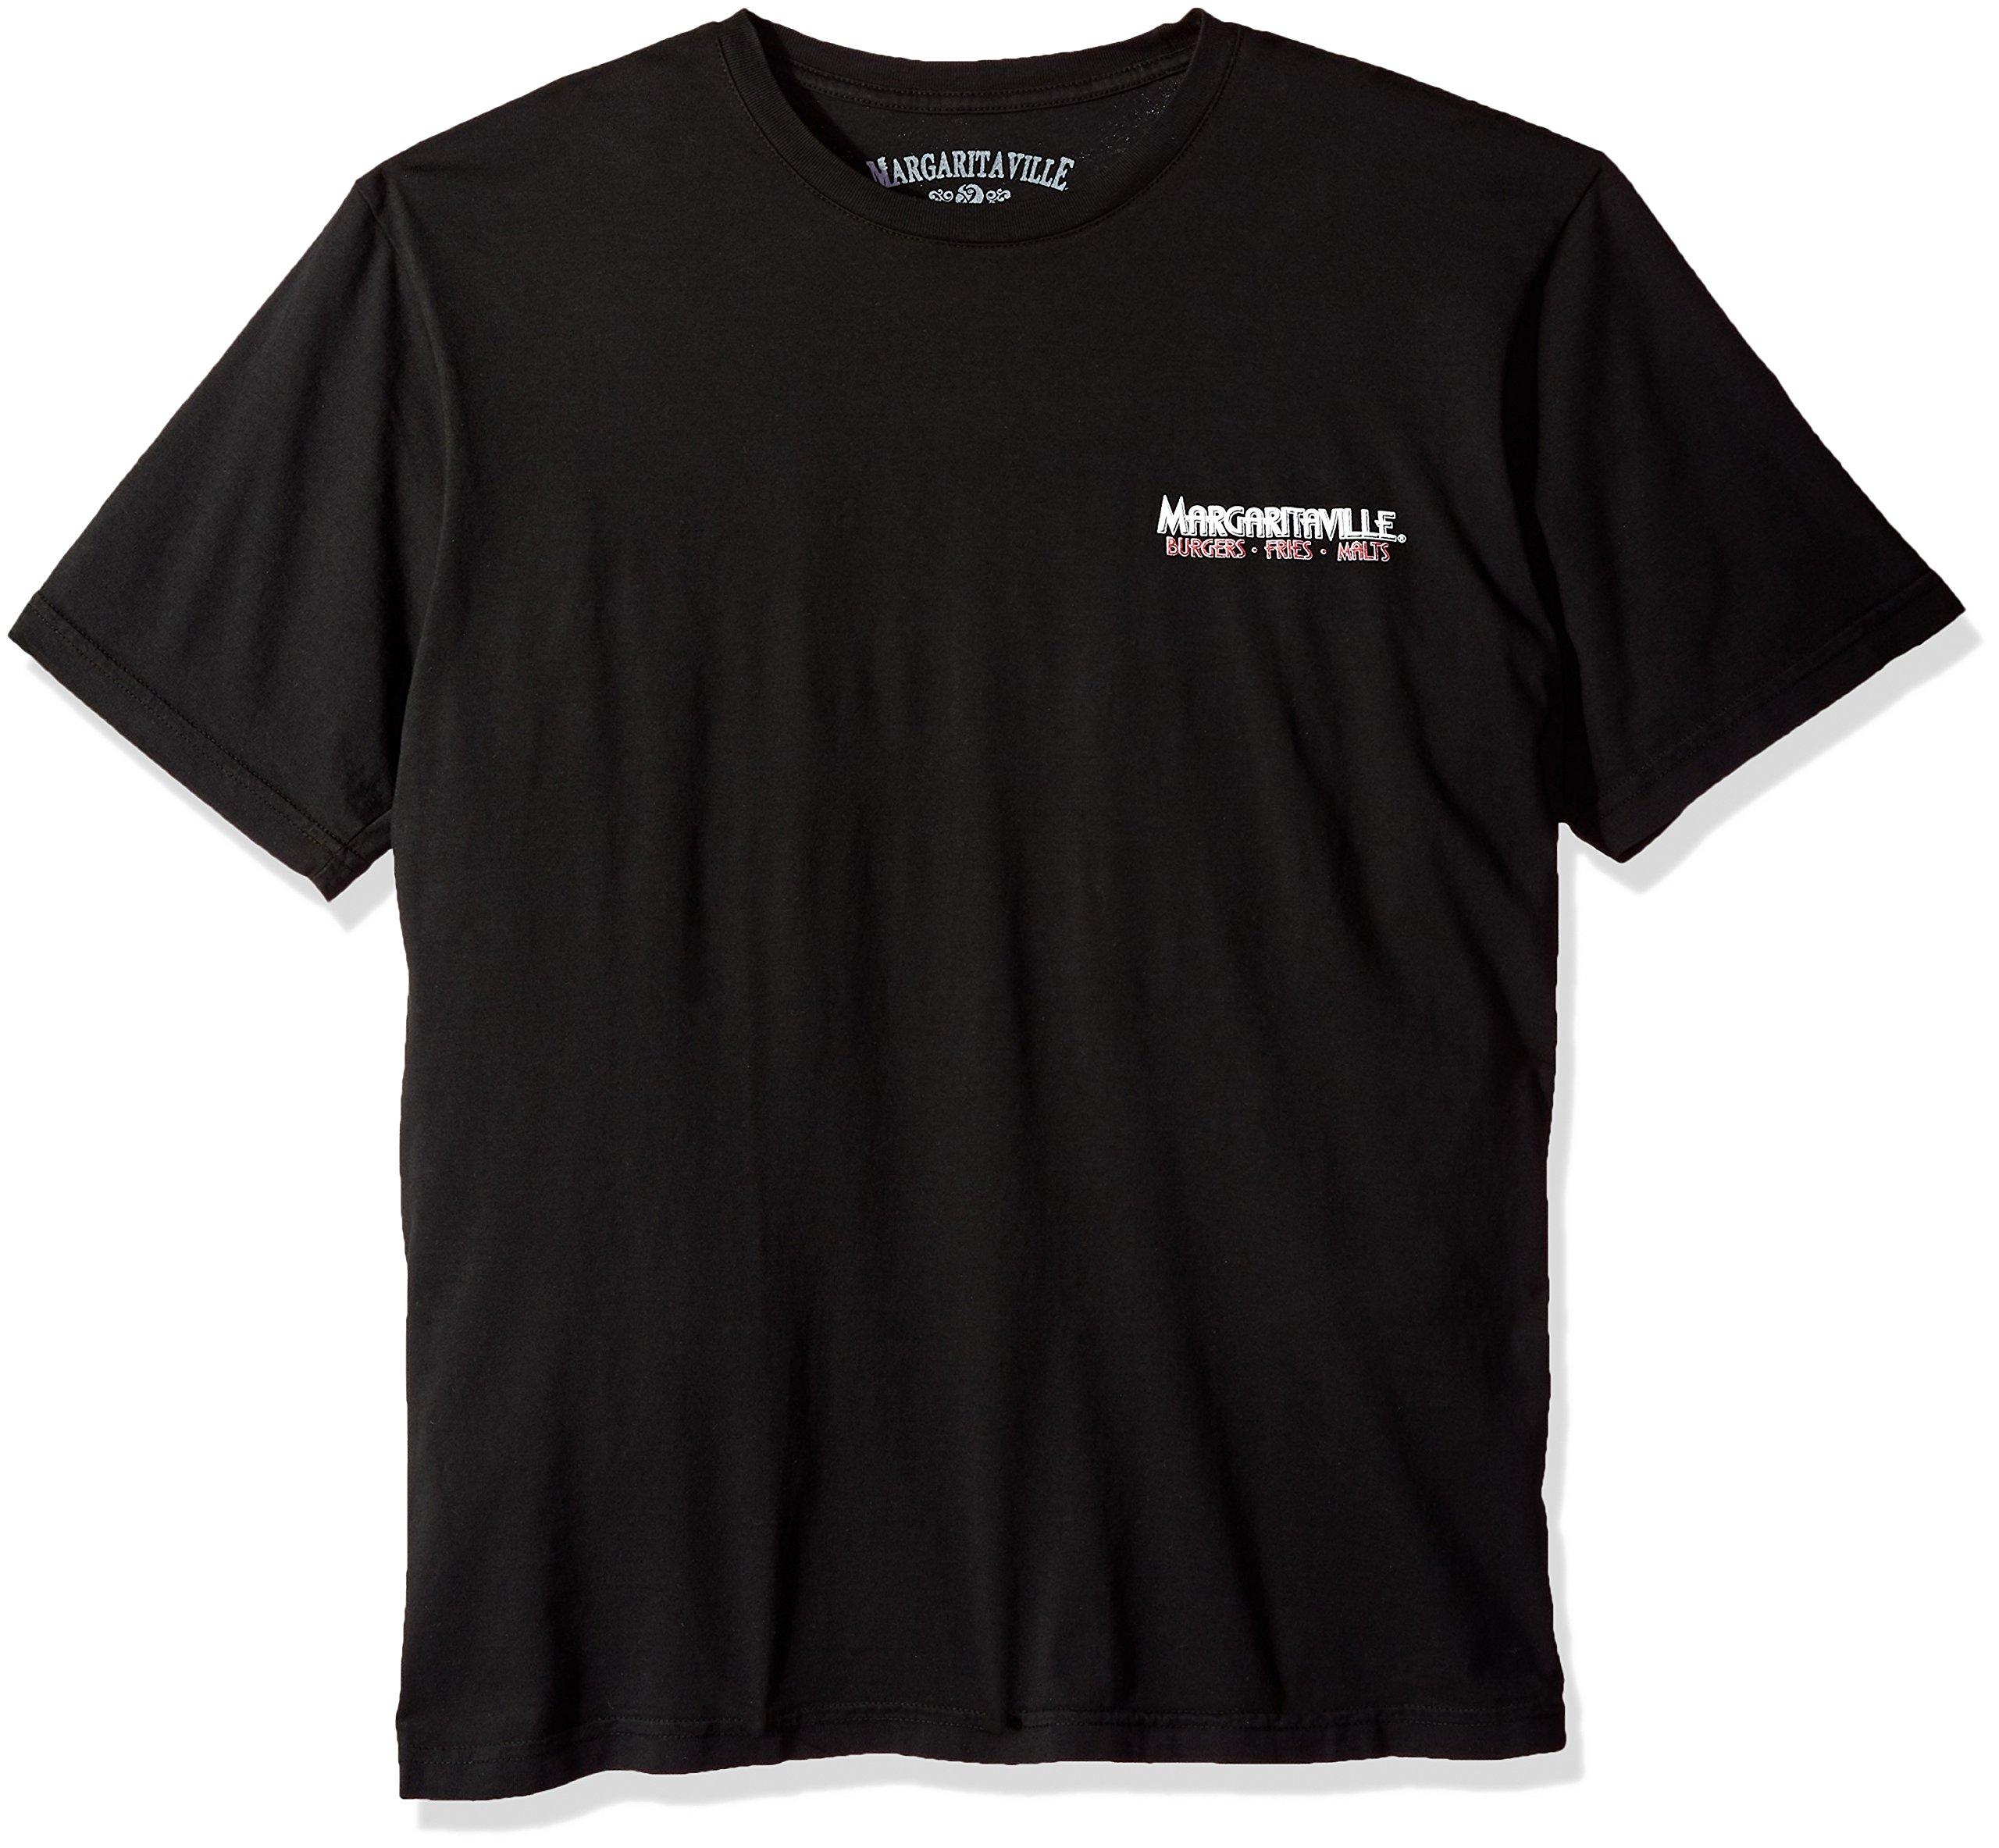 Margaritaville Men's Short Sleeve Cheeseburger Diner T-Shirt, Black, 2X-Large